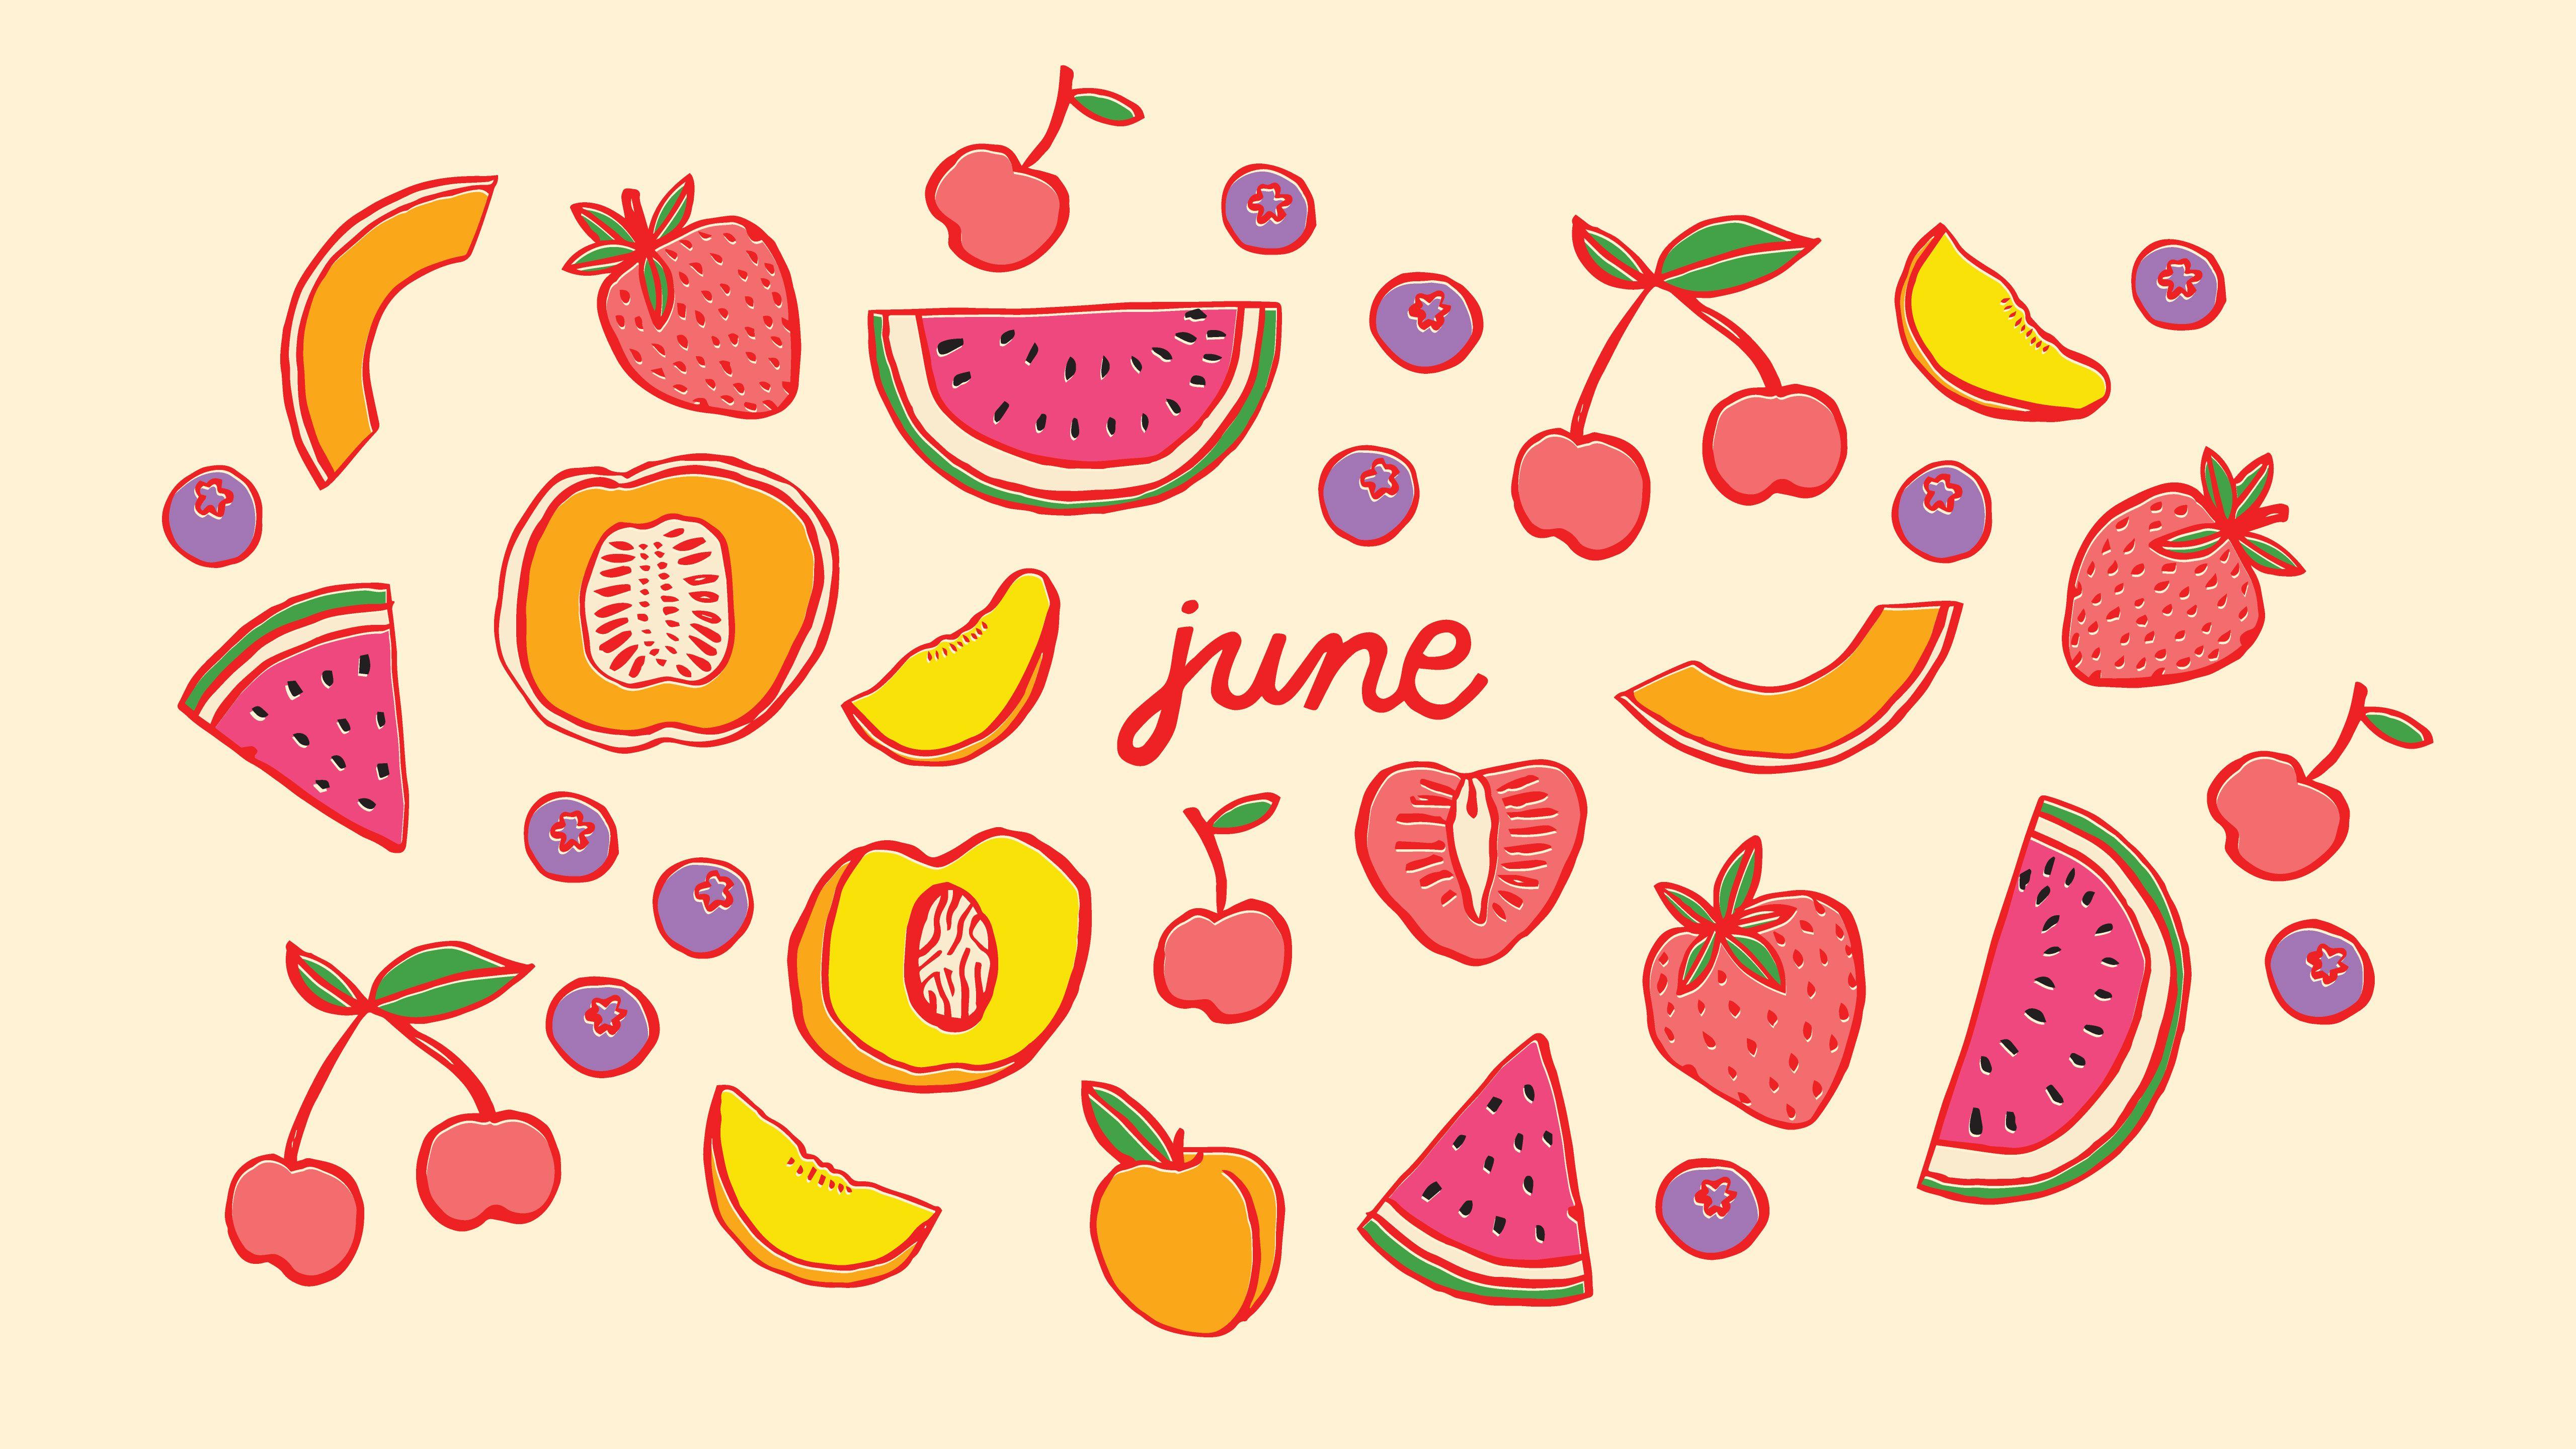 Summer Fruit Illustrated Wallpaper The Good Twin Osbp Desktop Jpg 5120 2880 Laptop Wallpaper Calendar Wallpaper Wallpaper